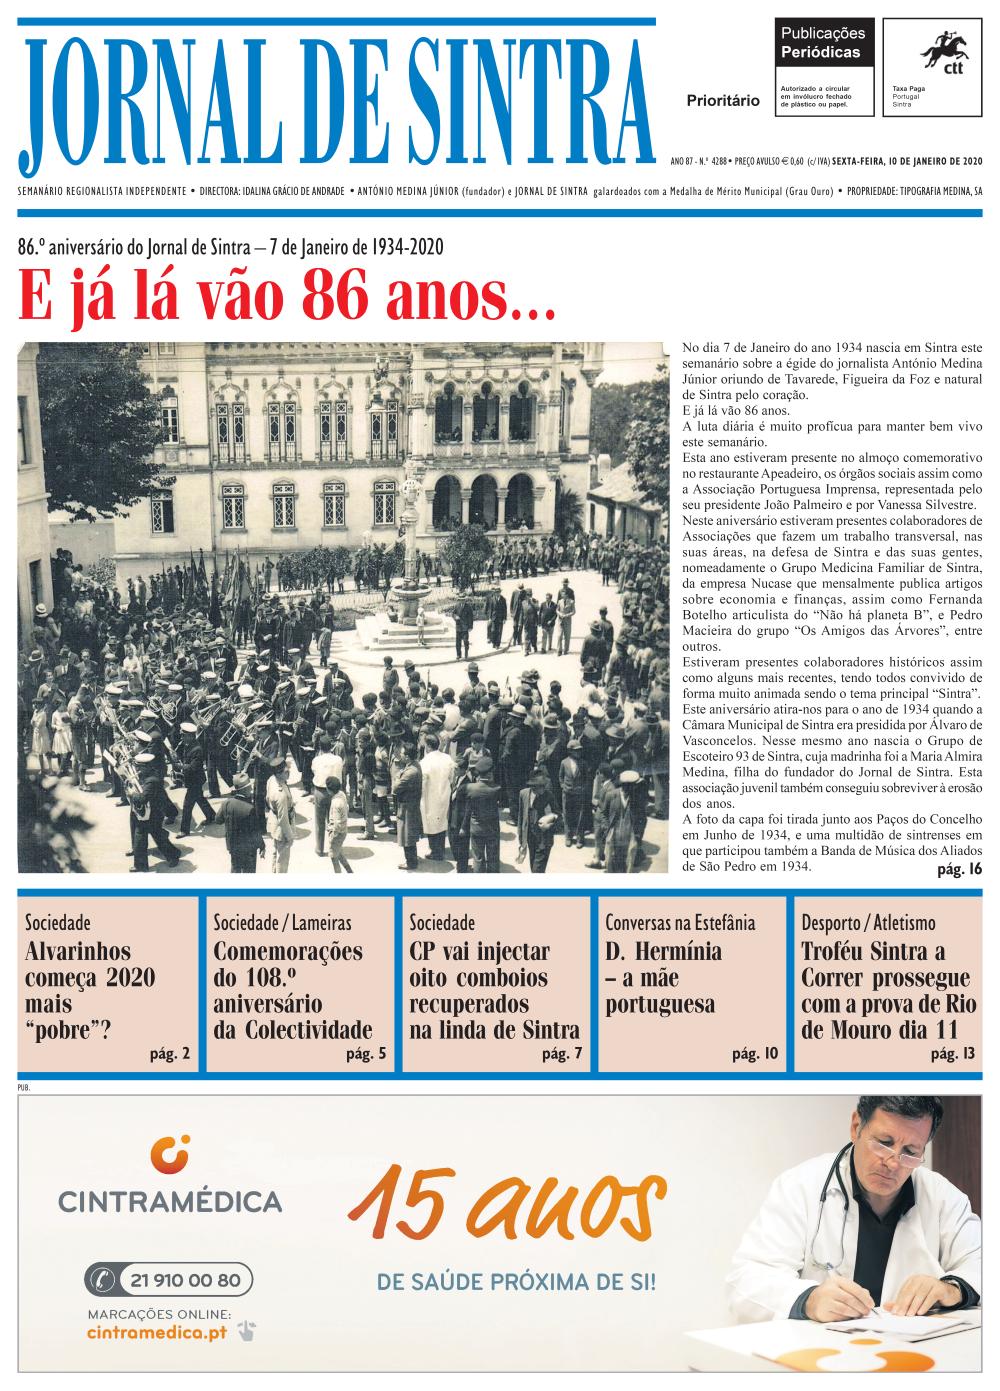 Capa da edição de 10/01/2020